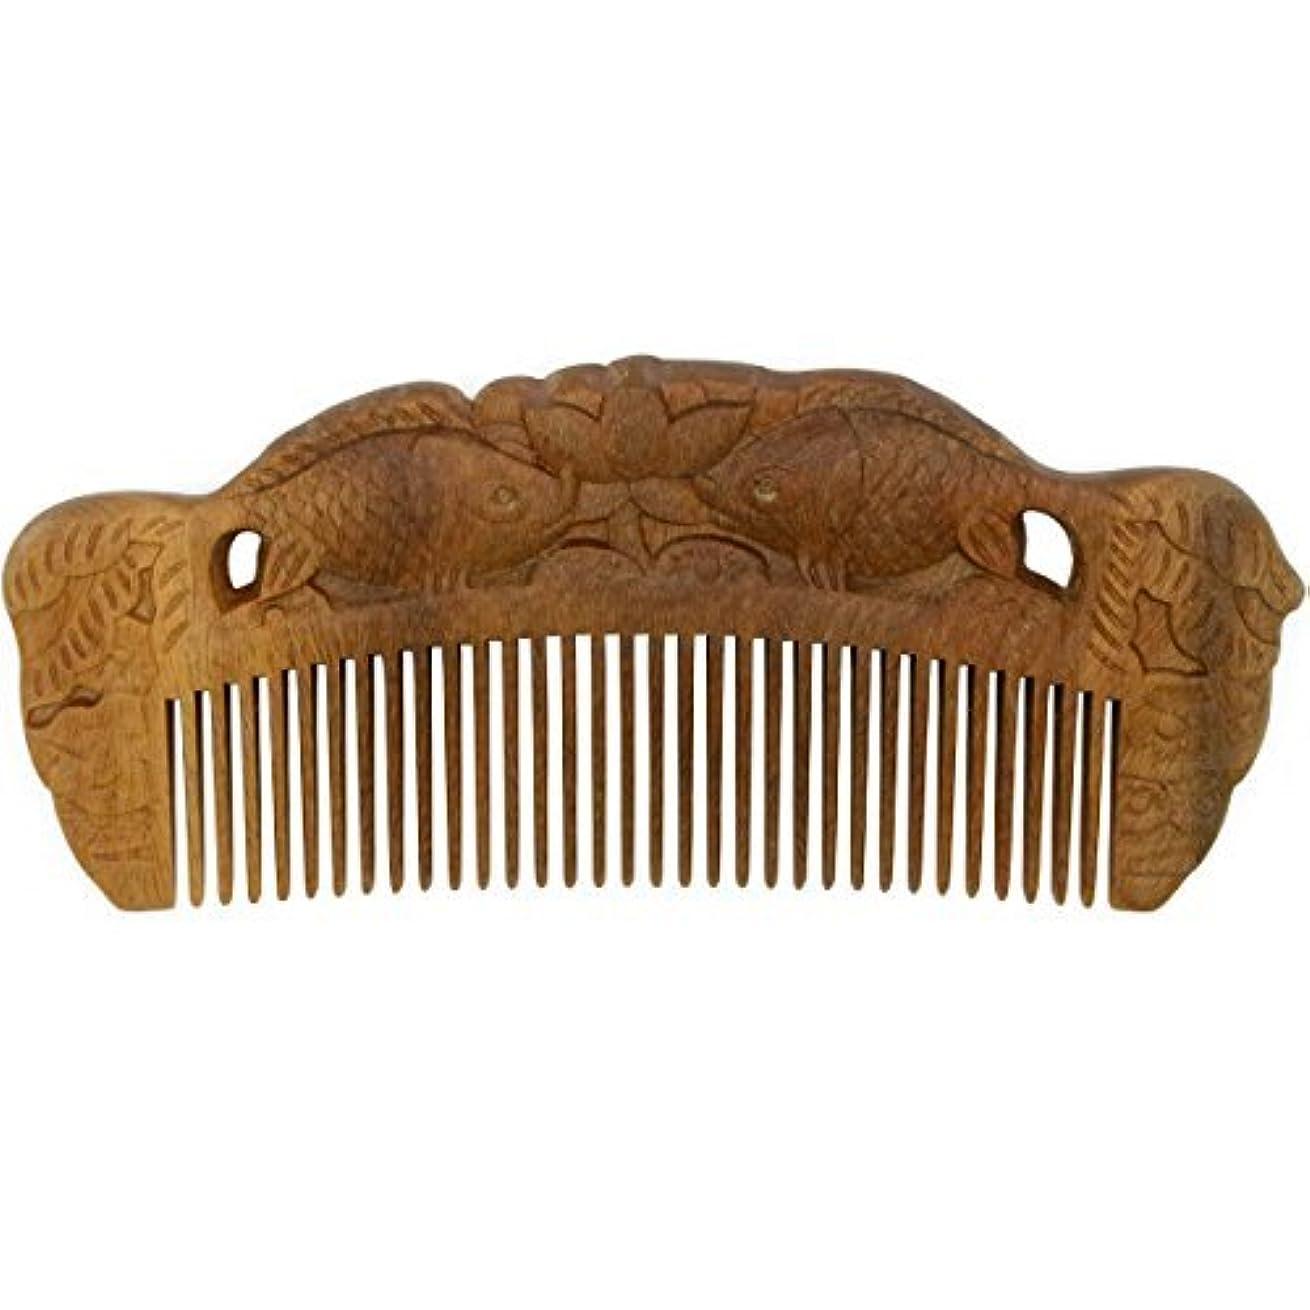 登る鷲ハンマーYOY Handmade Carved Natural Sandalwood Hair Comb - Anti-static No Snag Brush for Men's Mustache Beard Care Anti...